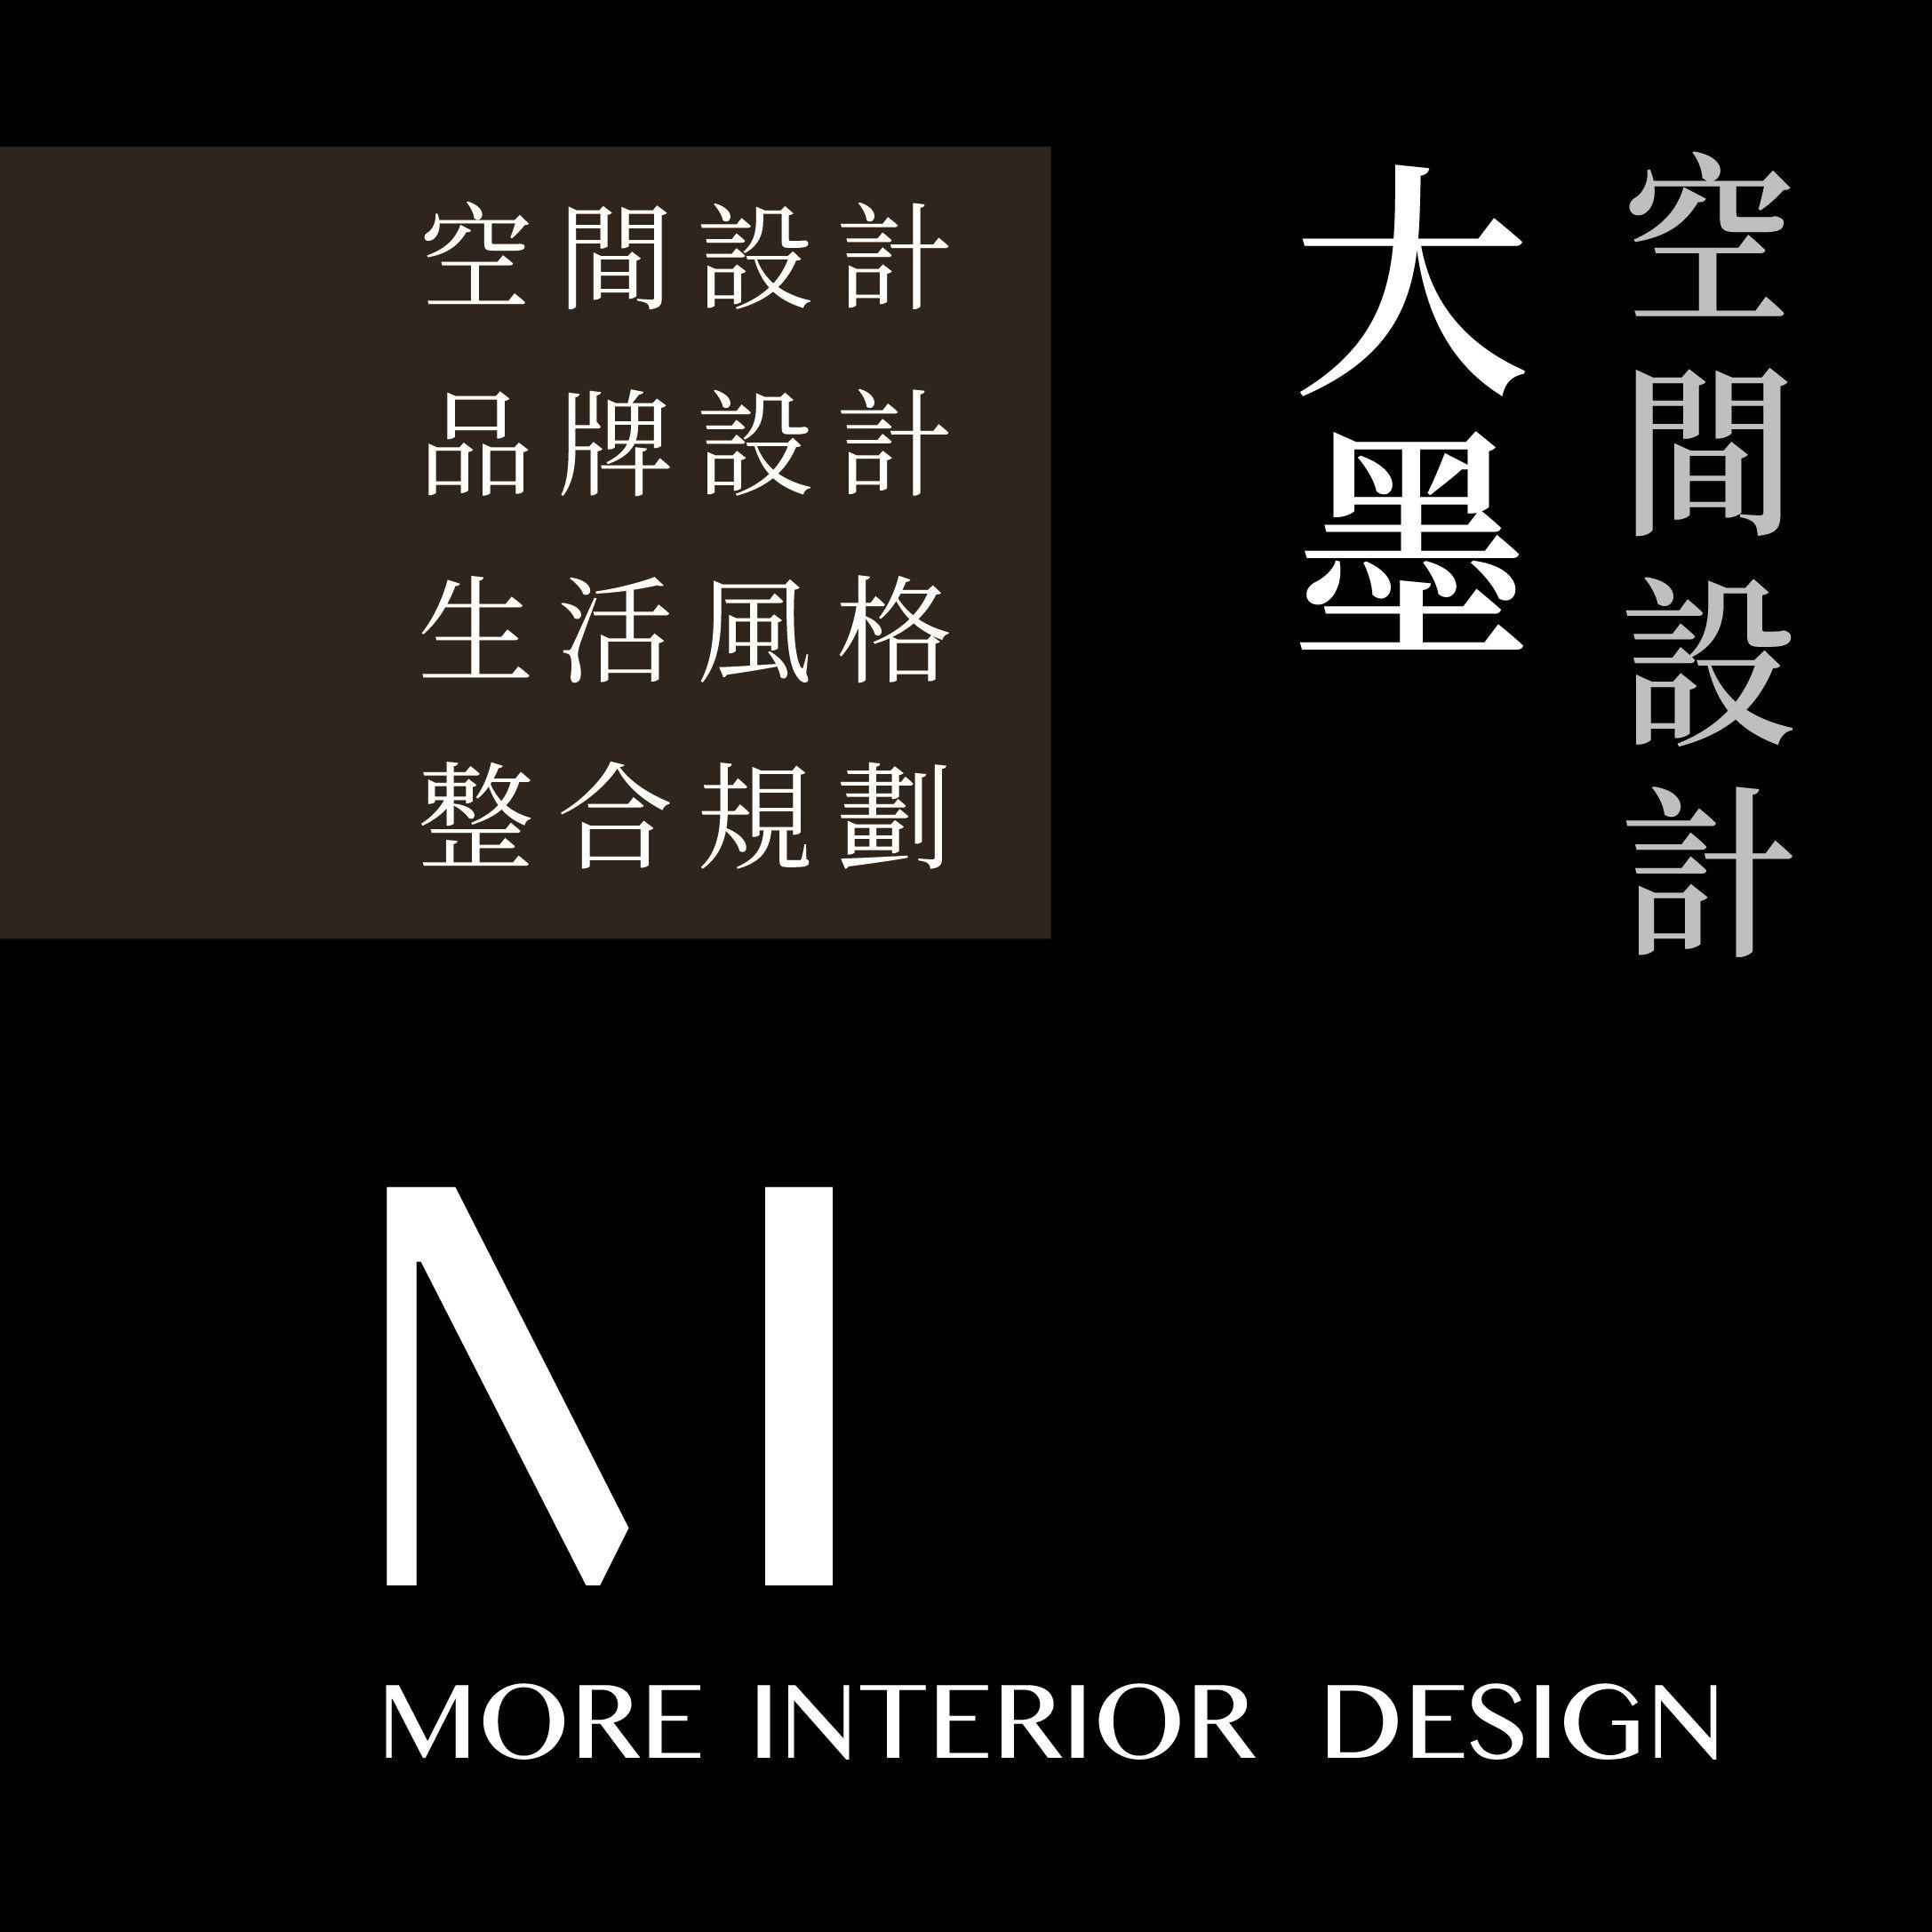 大墨空間設計 MORE INTERIOR DESIGN